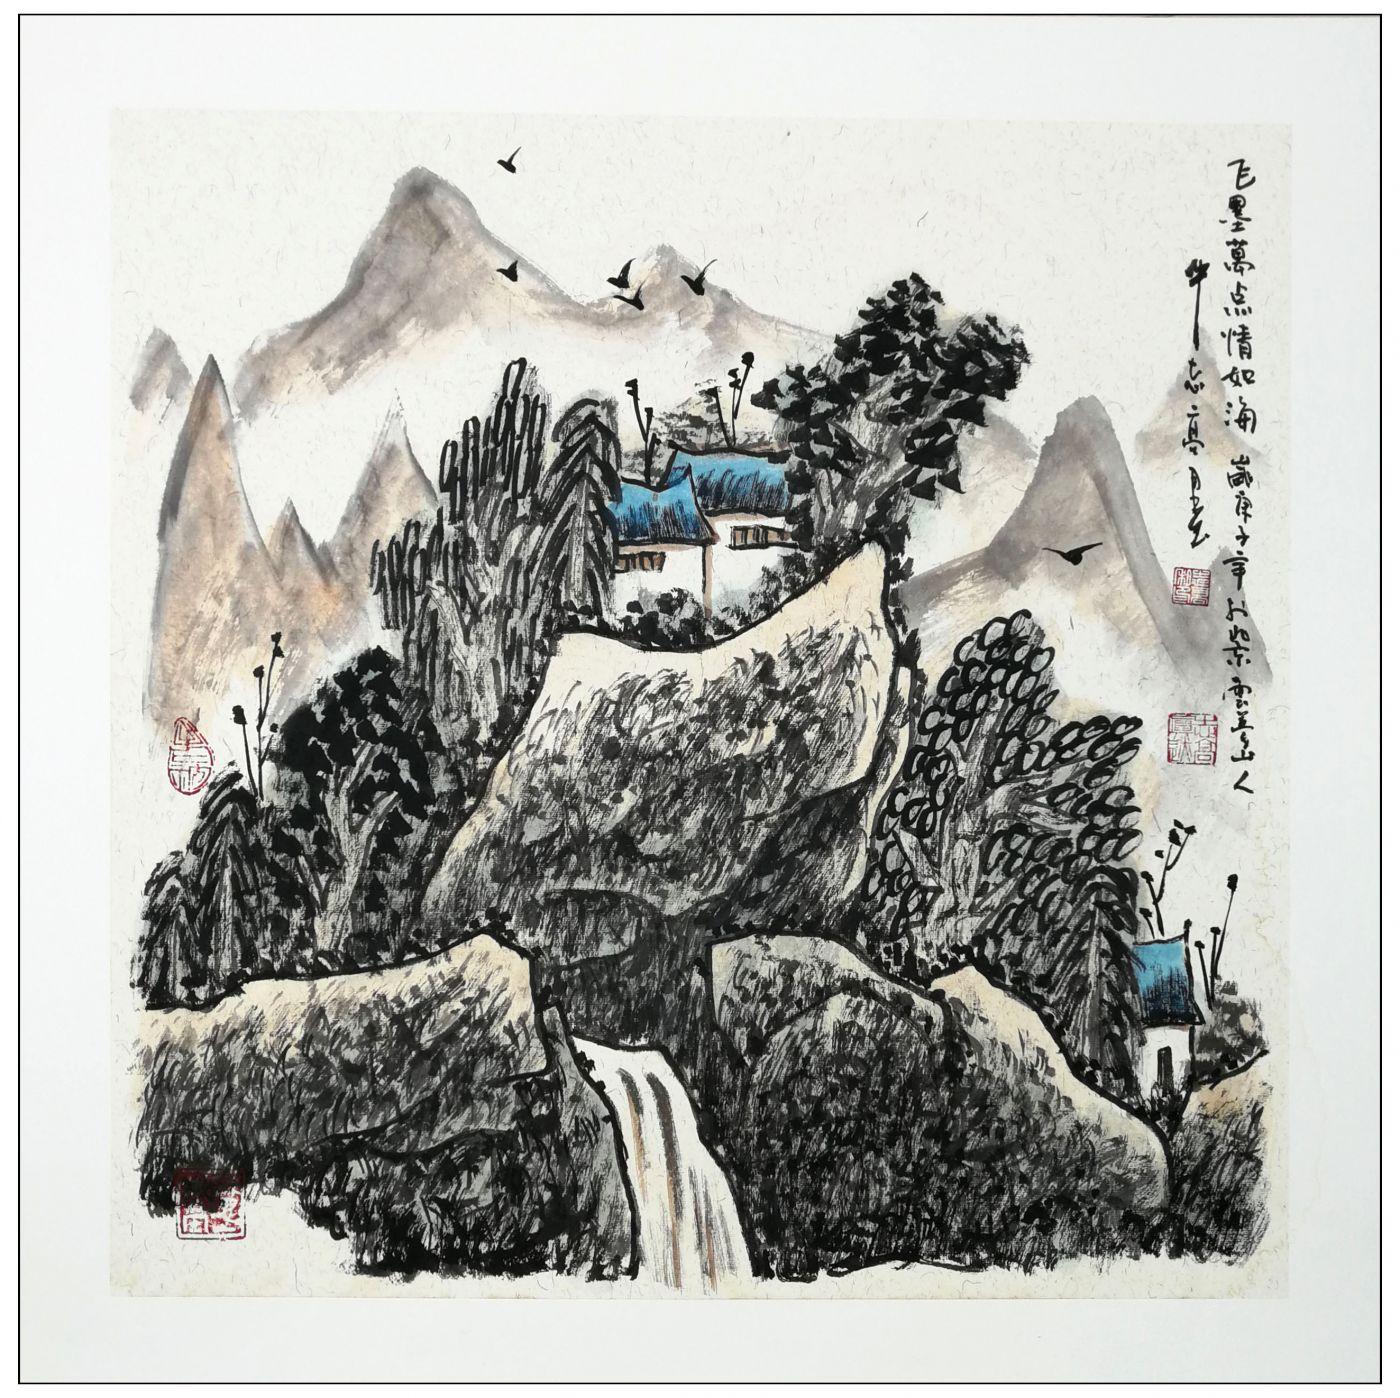 牛志高2020山水画新作-----2020.07.05_图1-10